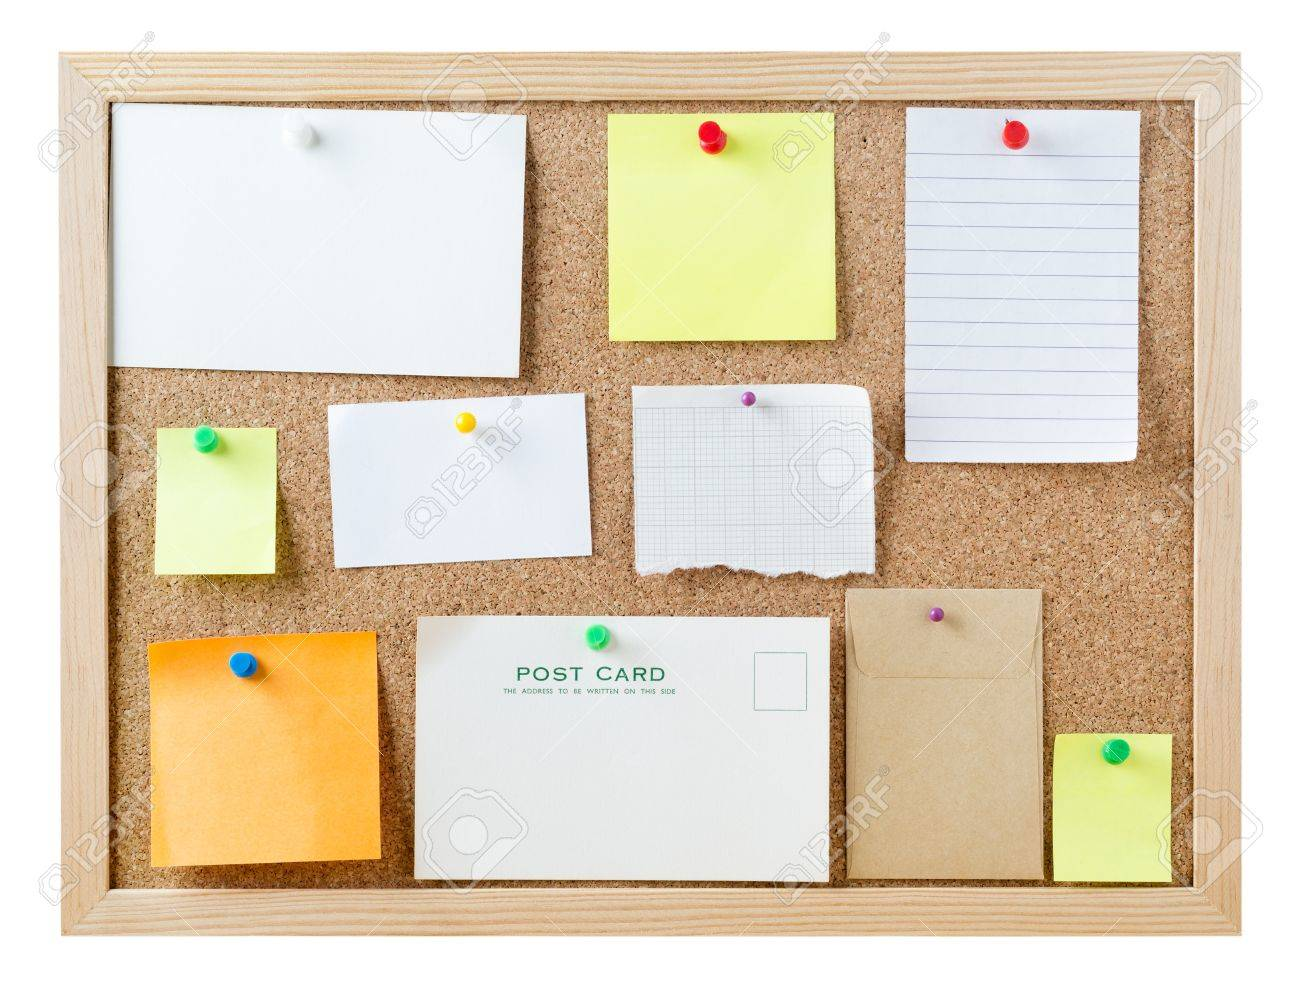 Hedendaags Een Kurk Prikbord, Geïsoleerd Op Wit, Met Een Verscheidenheid Van DS-46